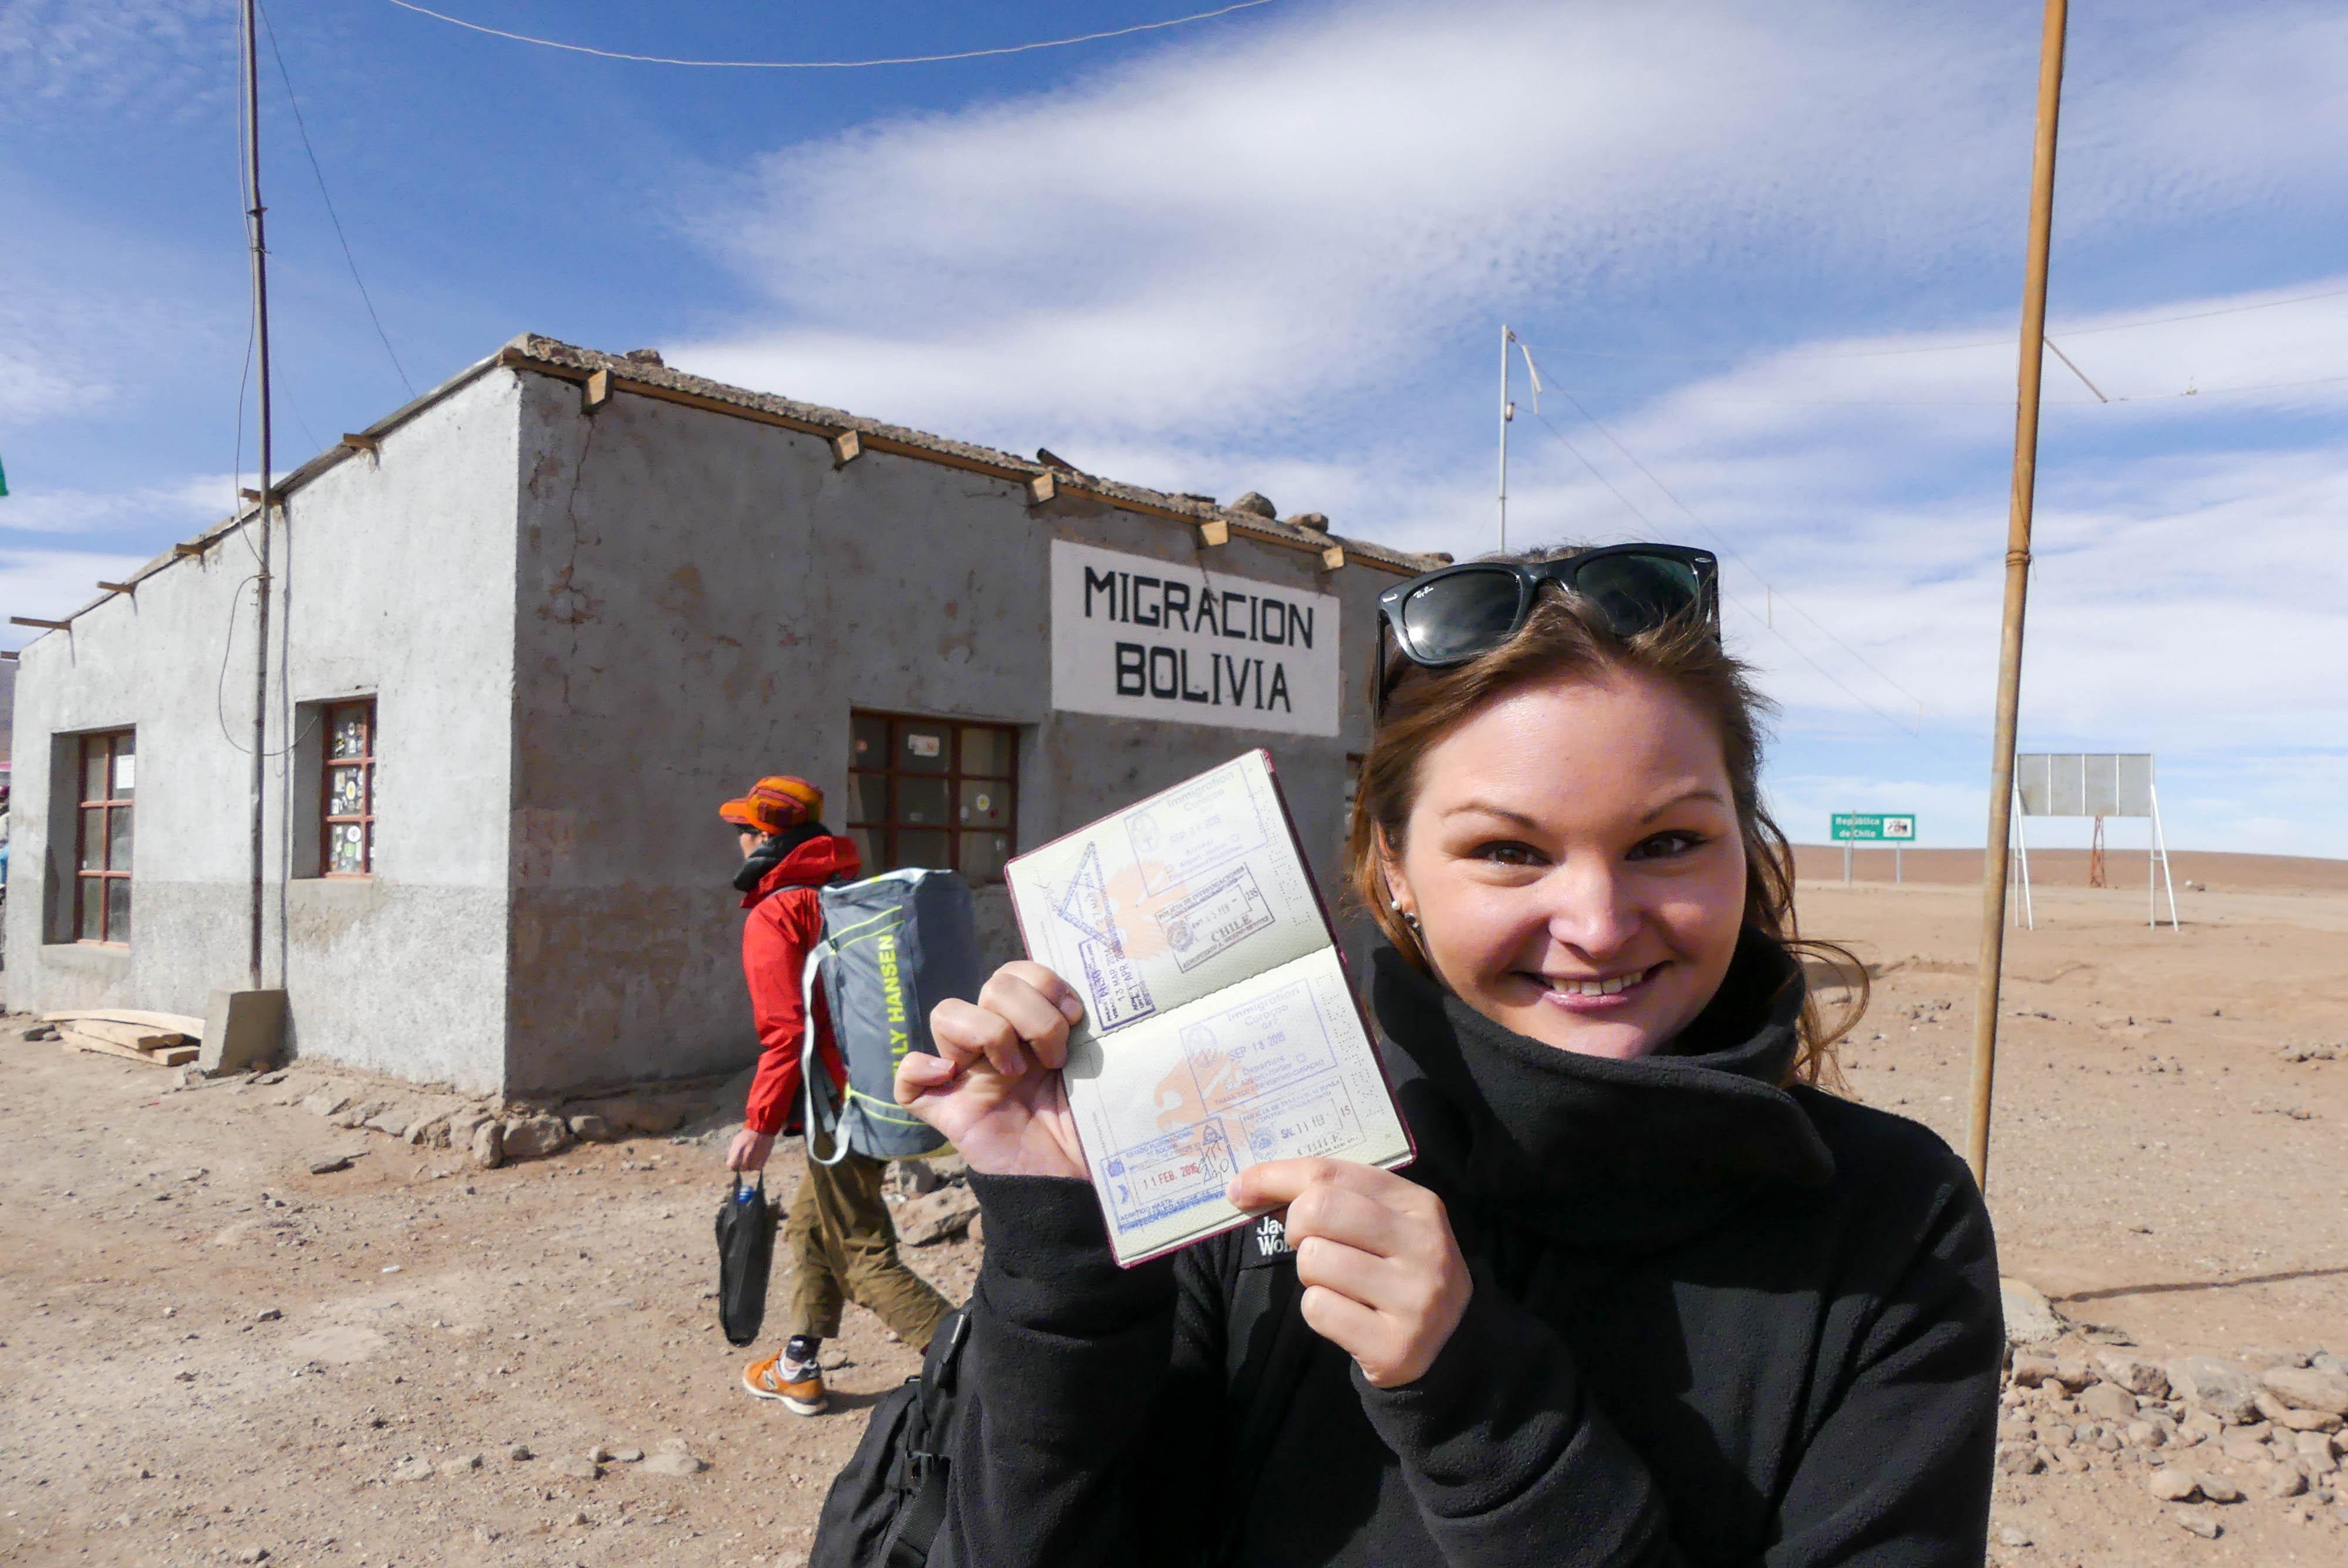 Migración Bolivia